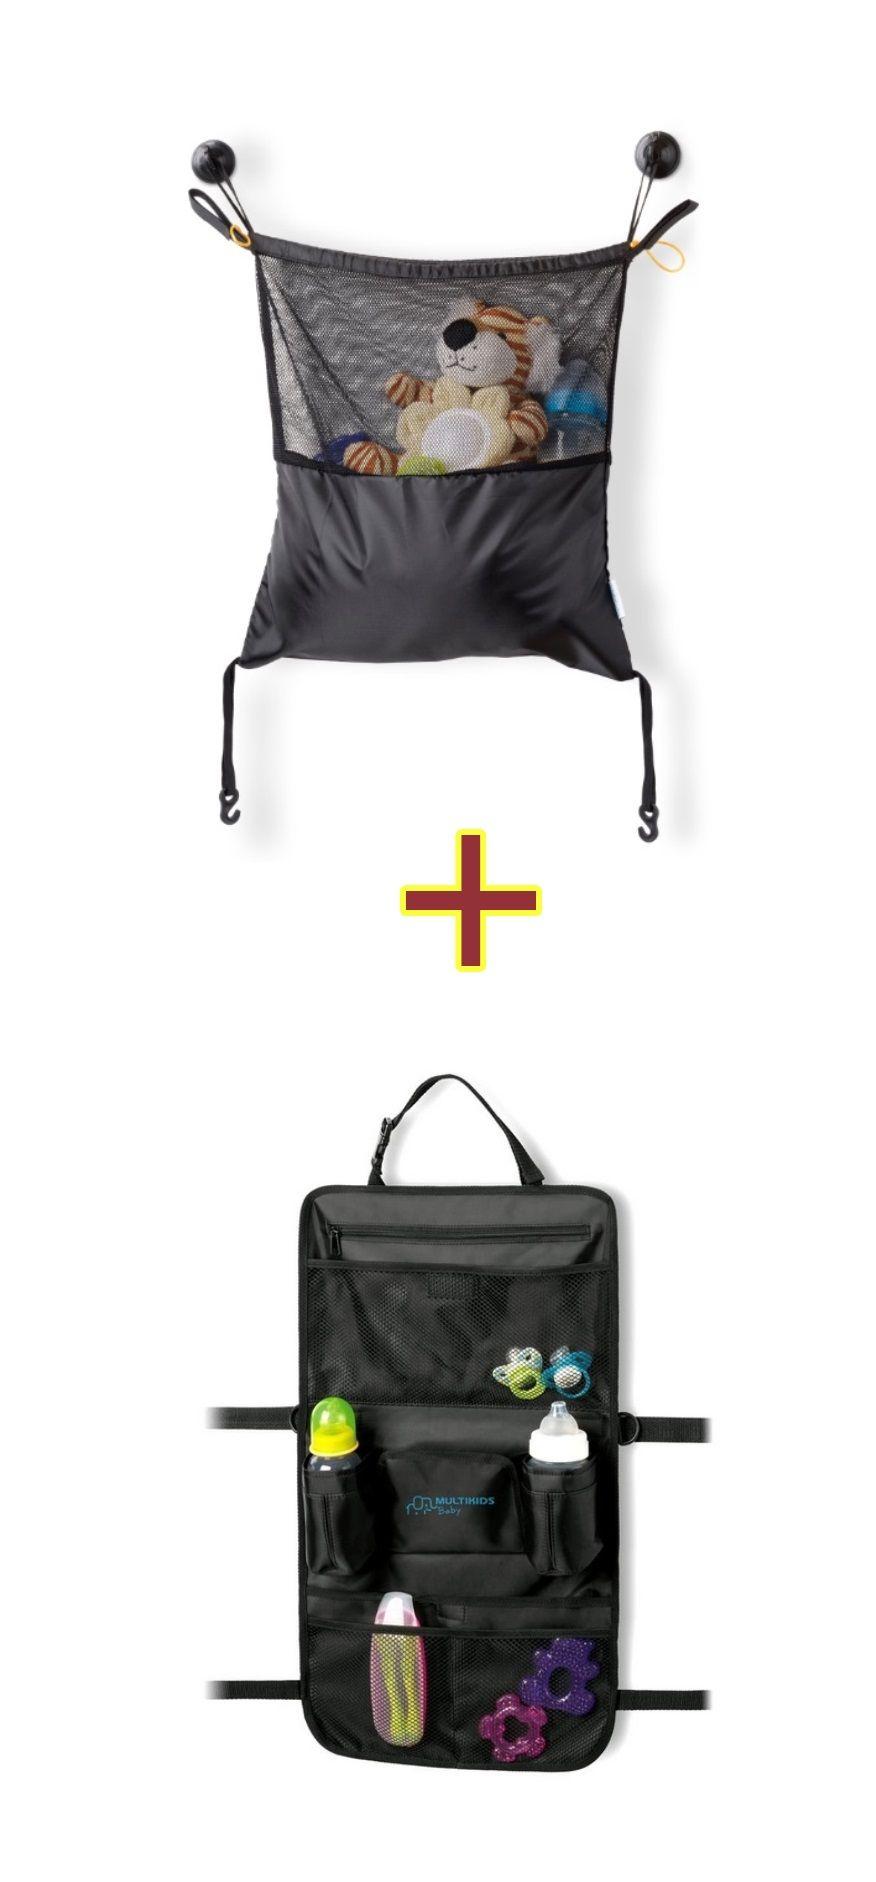 Kit Organizador para Carro e Carrinho BB179 + Organizador para Carrinho de Bebê BB186